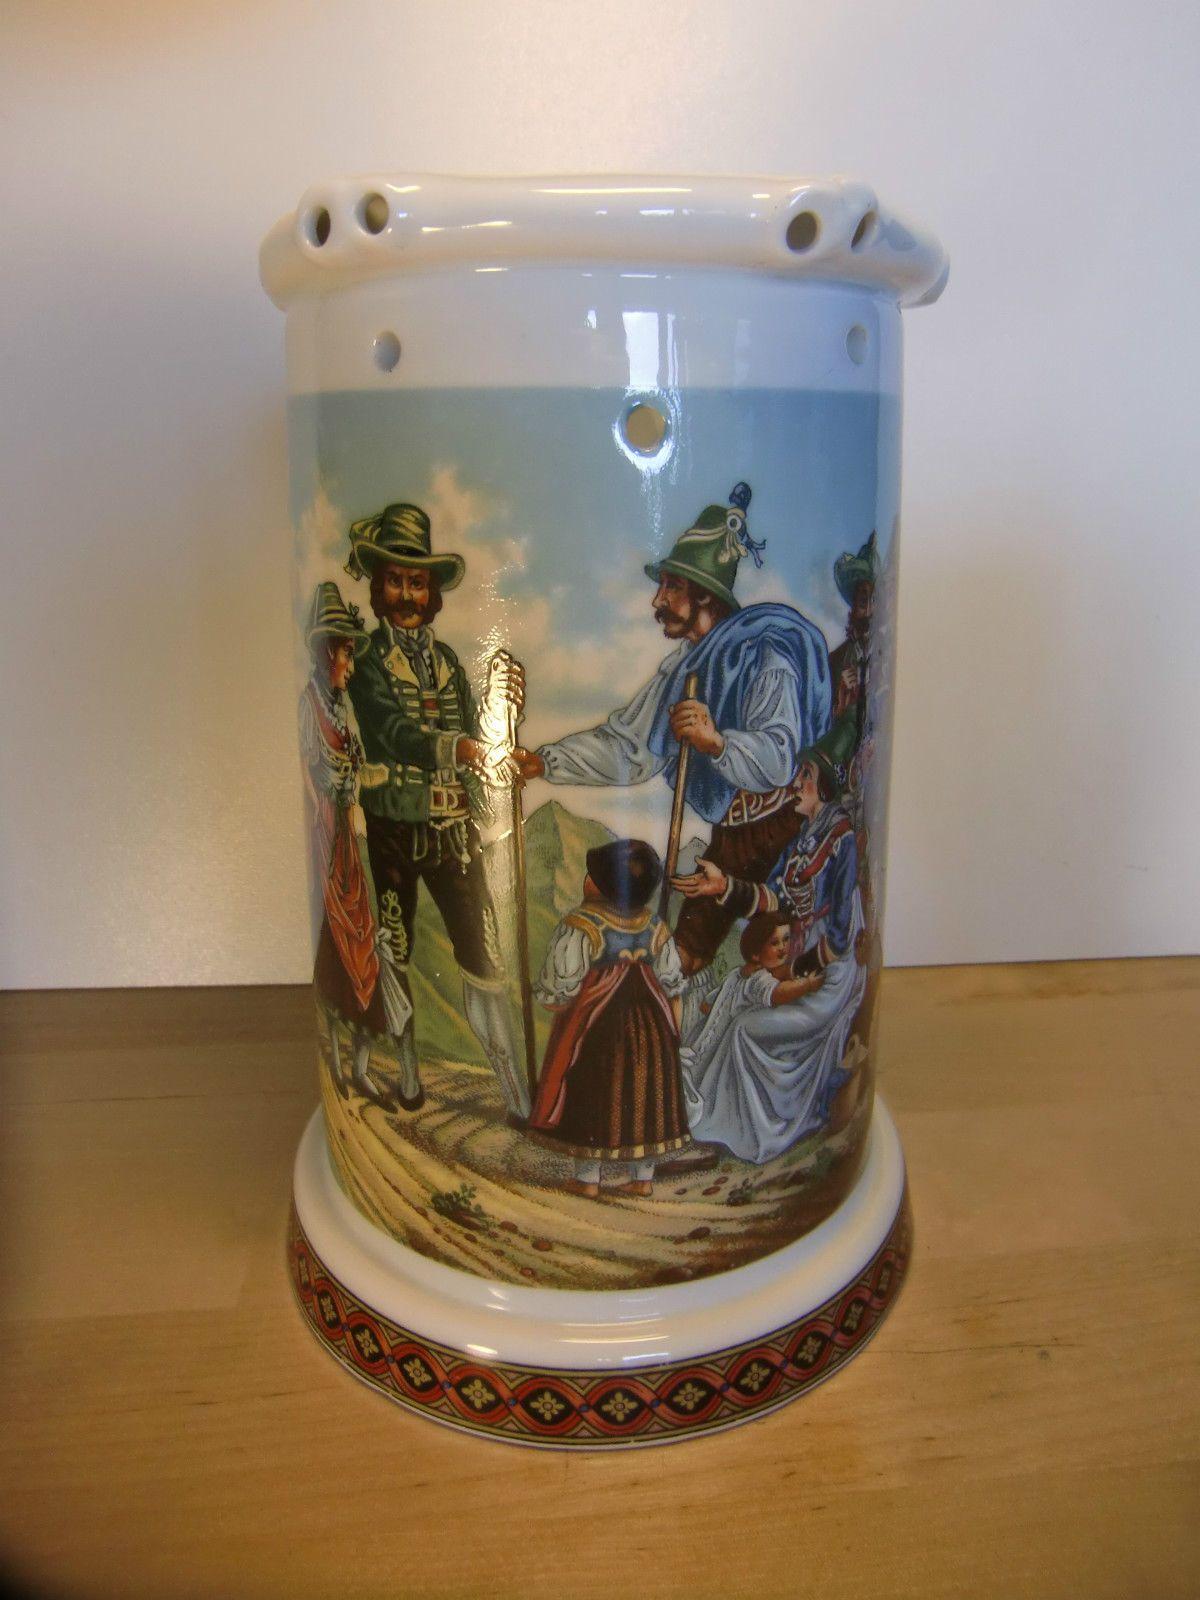 Porzellan Bierkrug mit Löchern Vexierkrug Bodenbild - 18 cm Ø 10,5 cm | eBay